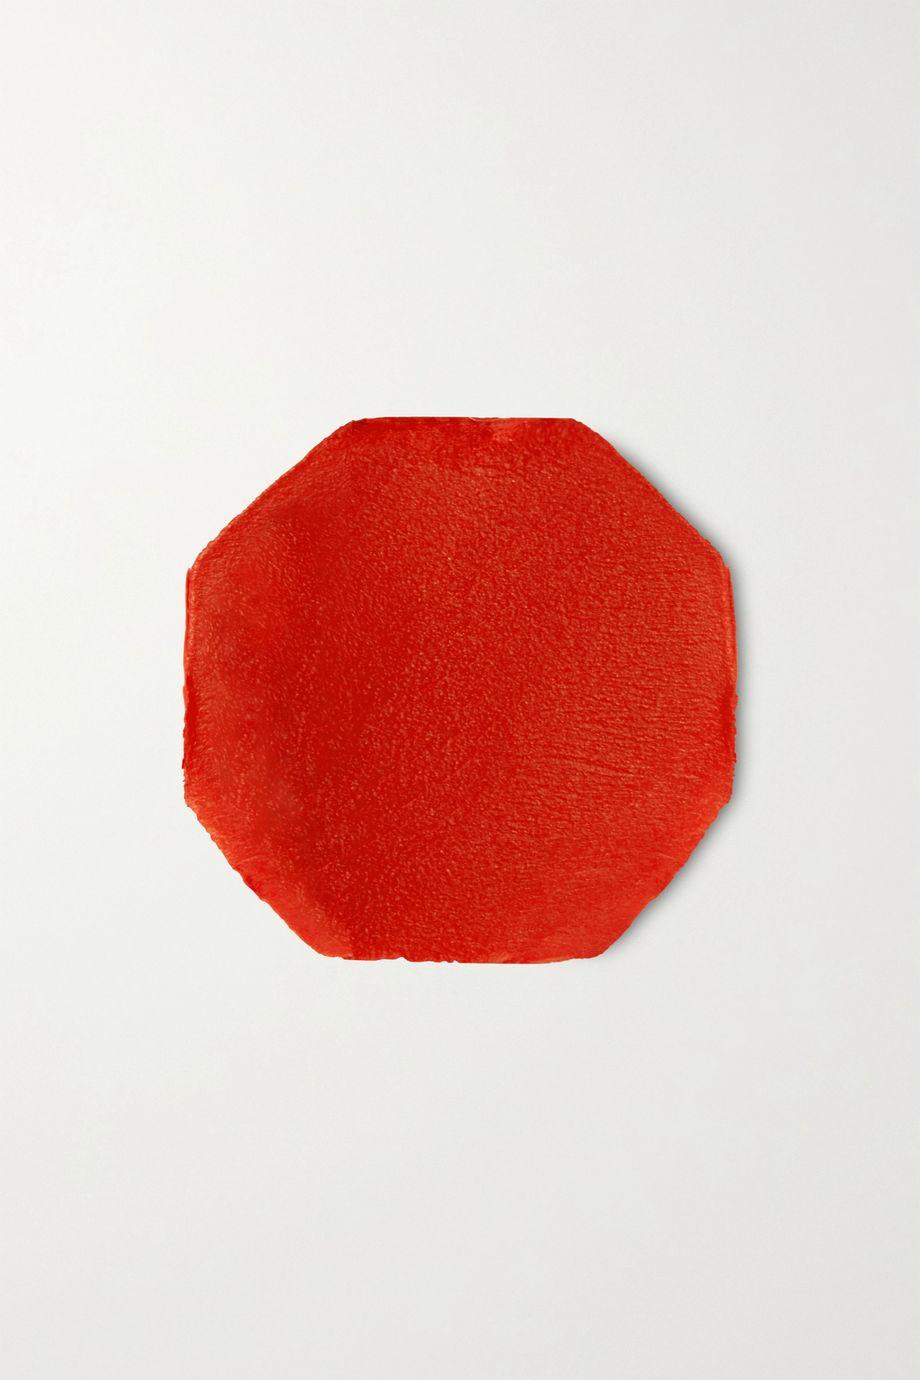 Sisley Le Phyto Rouge Lipstick - 40 Rouge Monaco